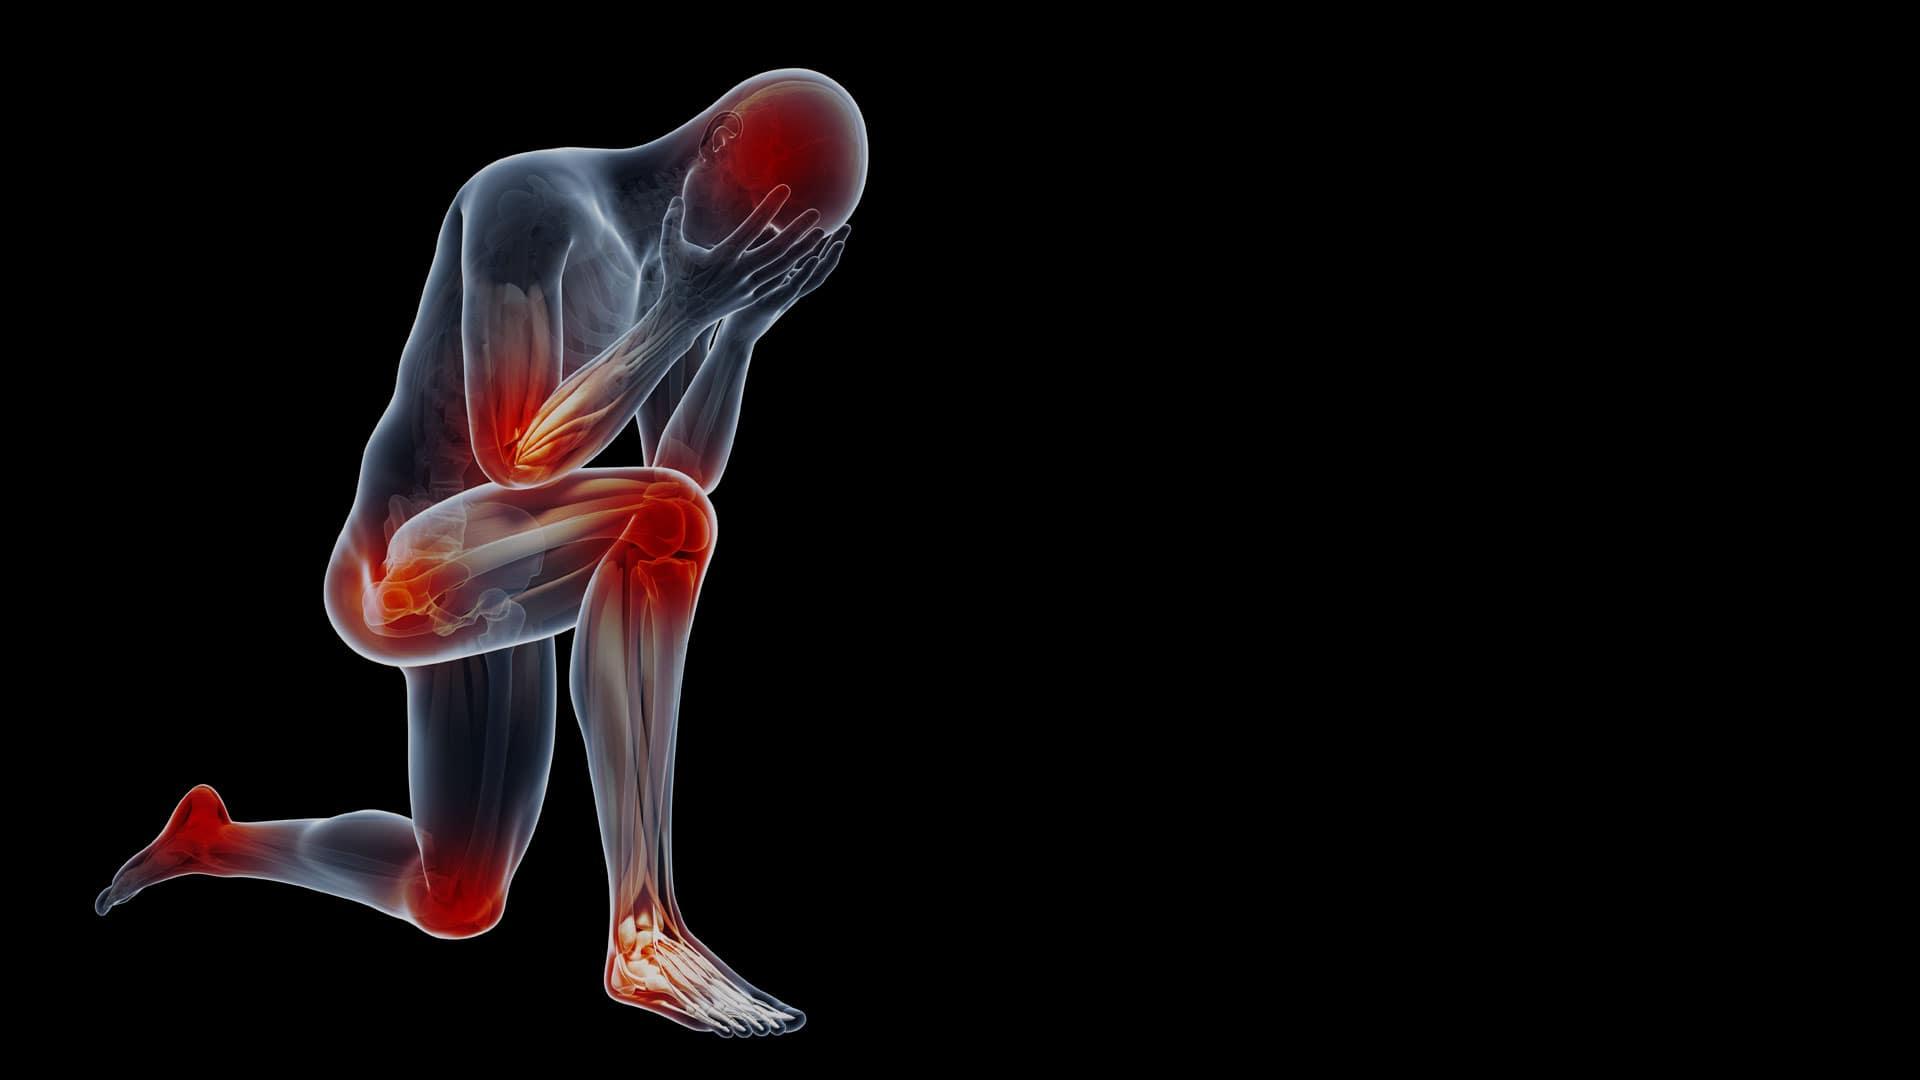 pain-slide